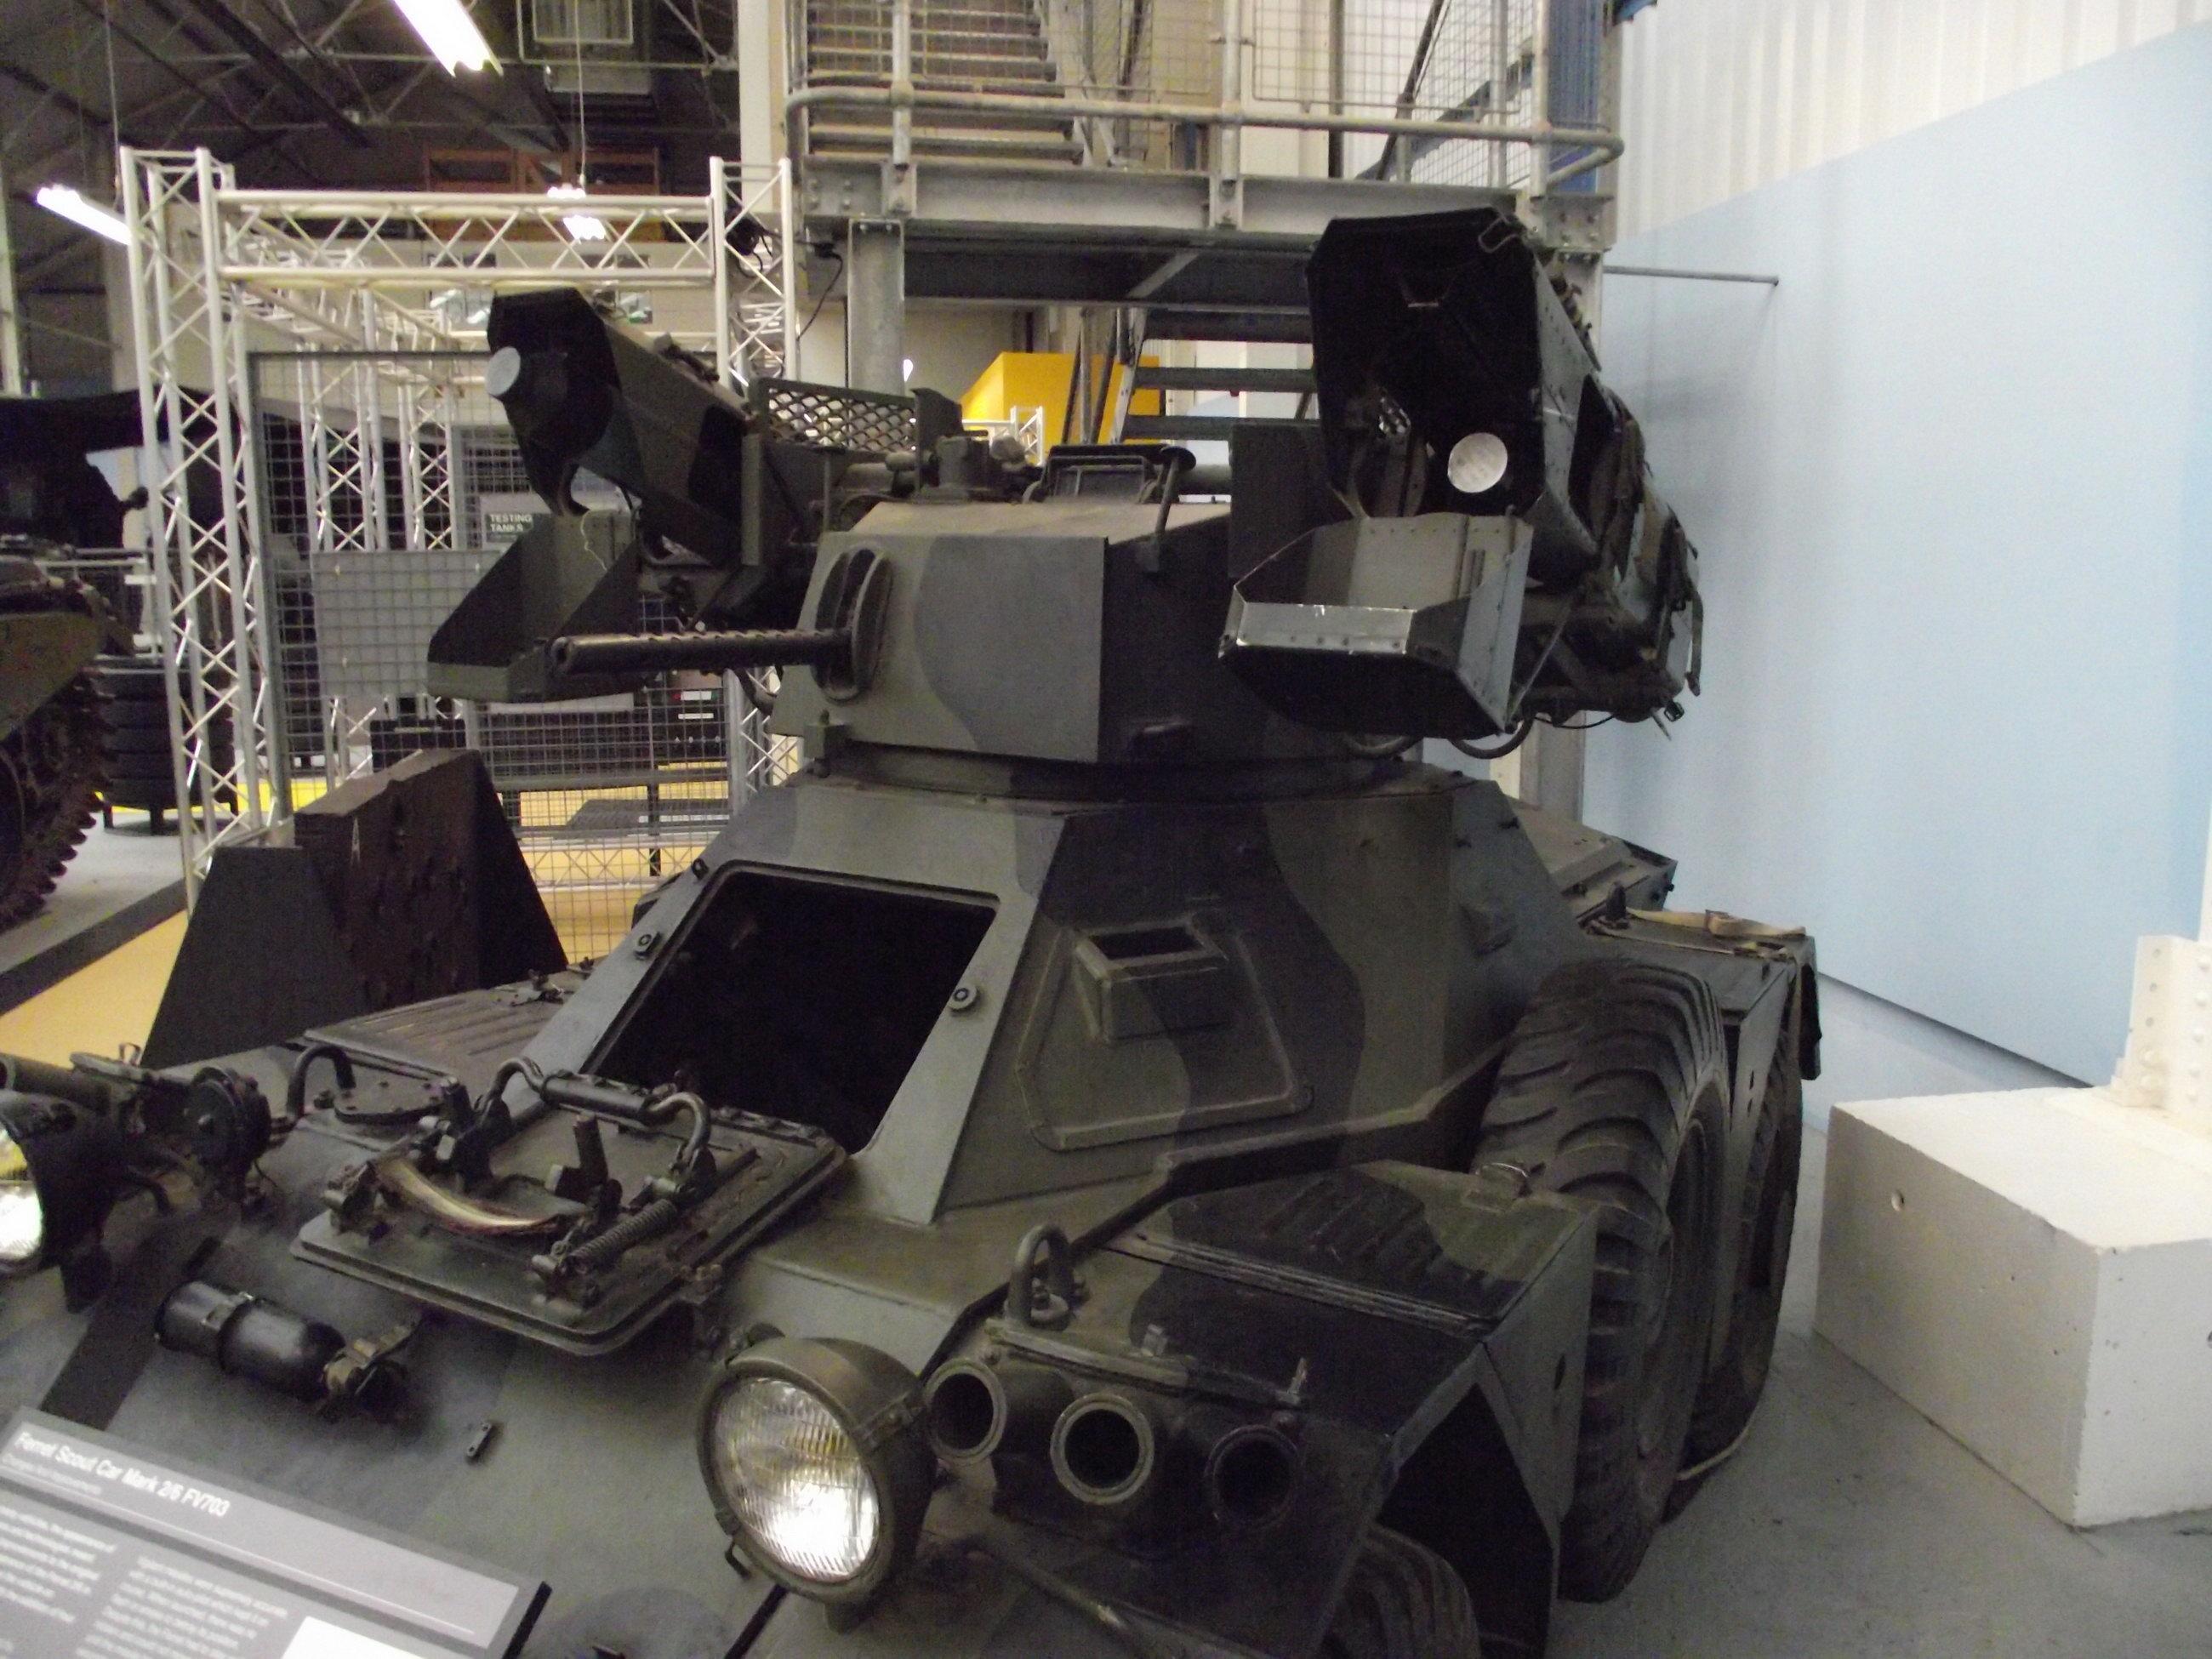 Tank_Museum_20180919_042.jpg